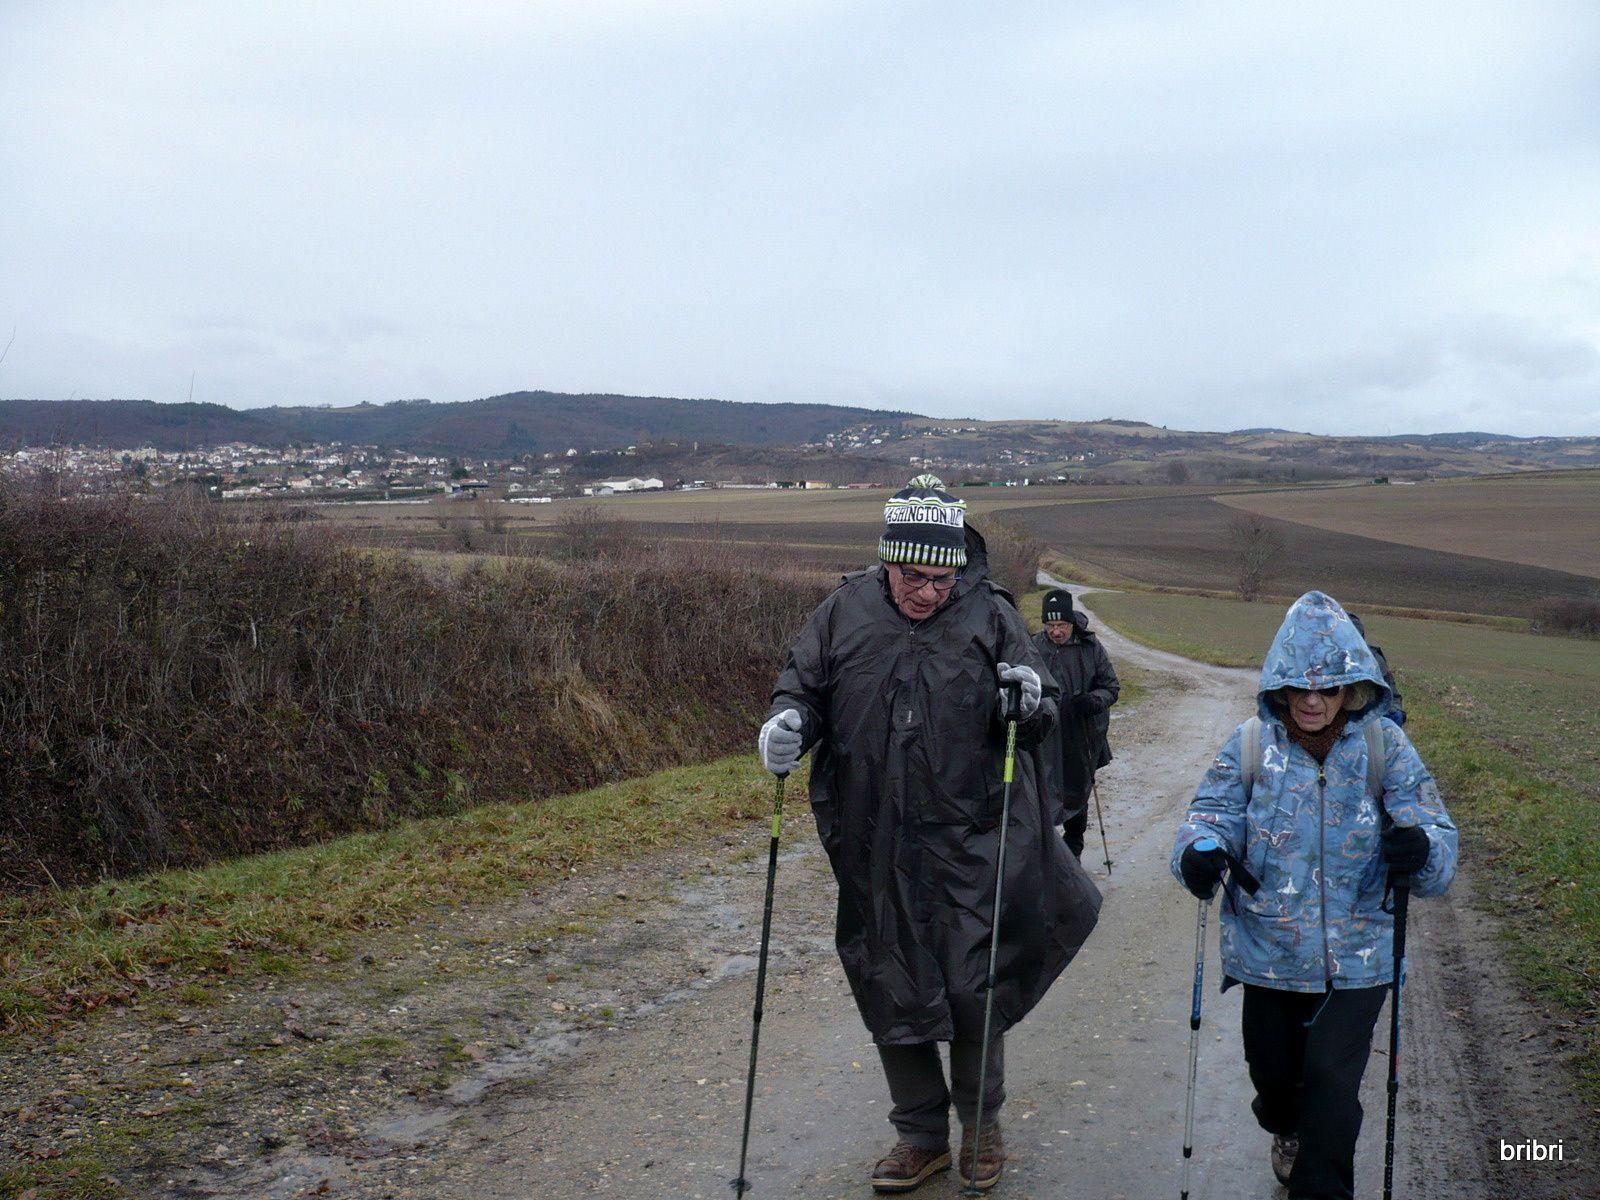 Une montée, avec Châtel derrière nous, puis une descente vers la ville de Riom.